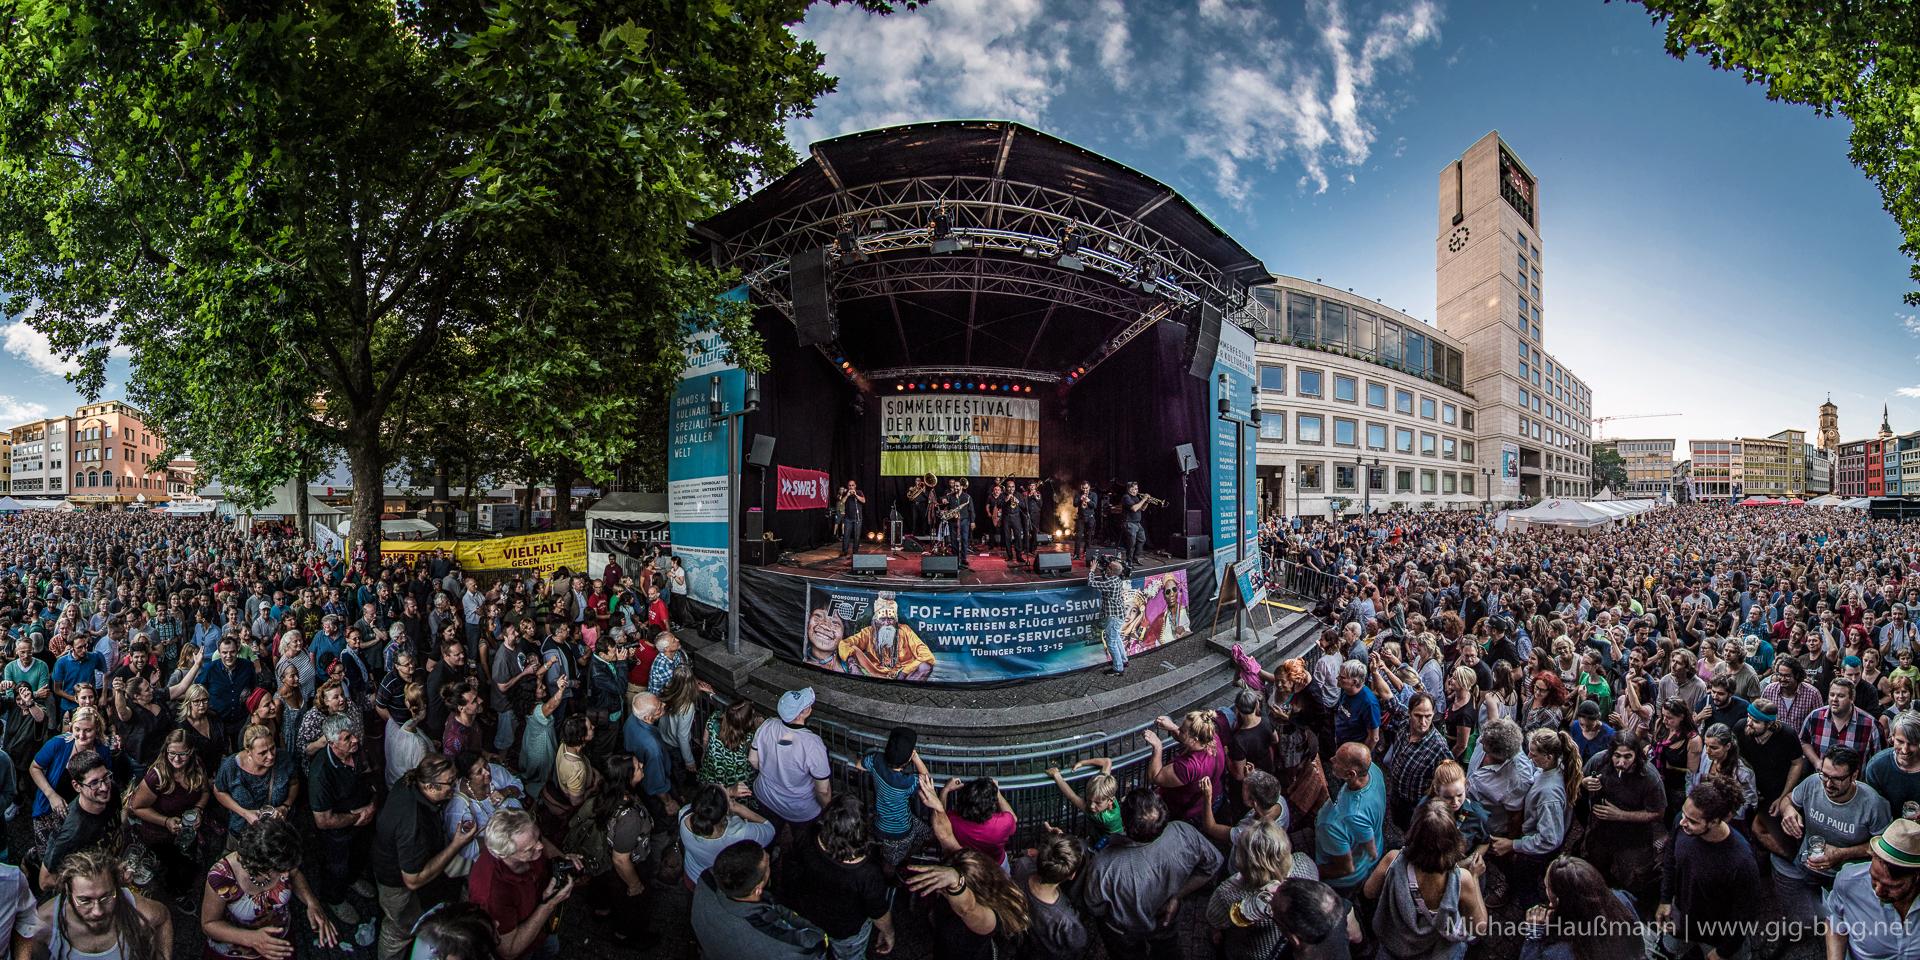 SOMMERFESTIVAL DER KULTUREN, 11.-16.07.2017, Marktplatz, Stuttgart